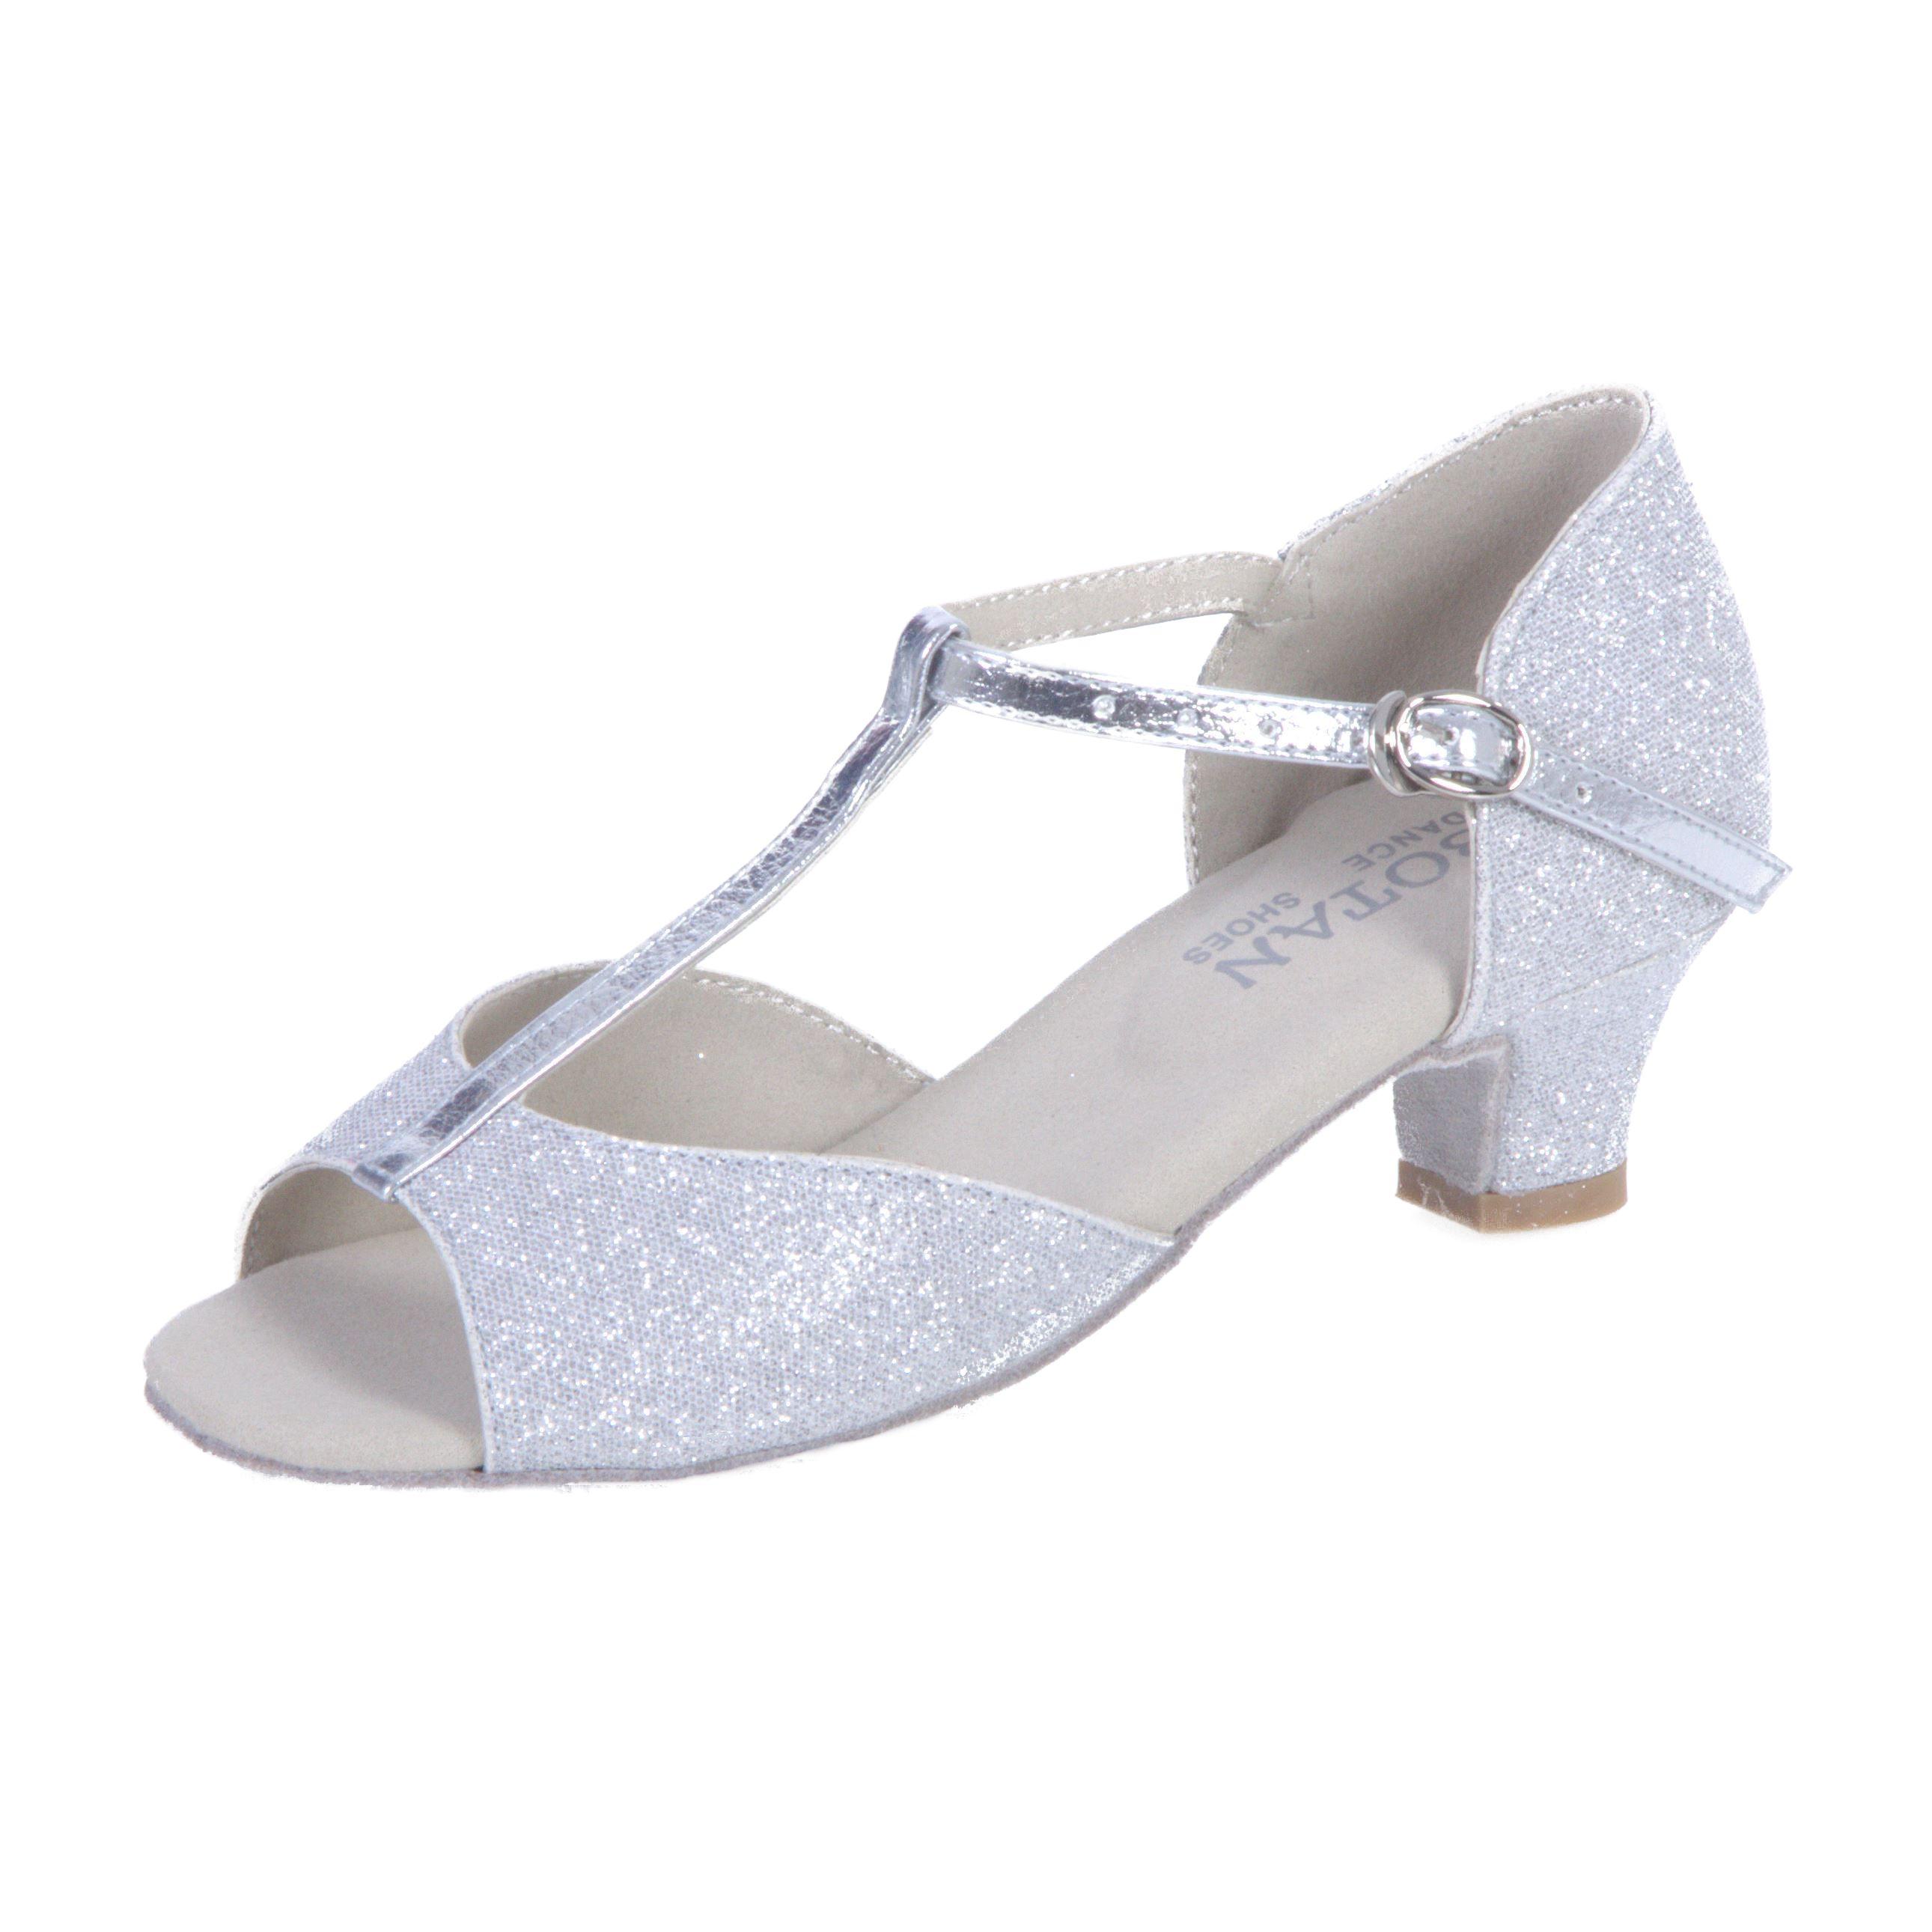 835b7945fe63 Dievčenské tanečné topánky BOTAN BD-2-S strieborné